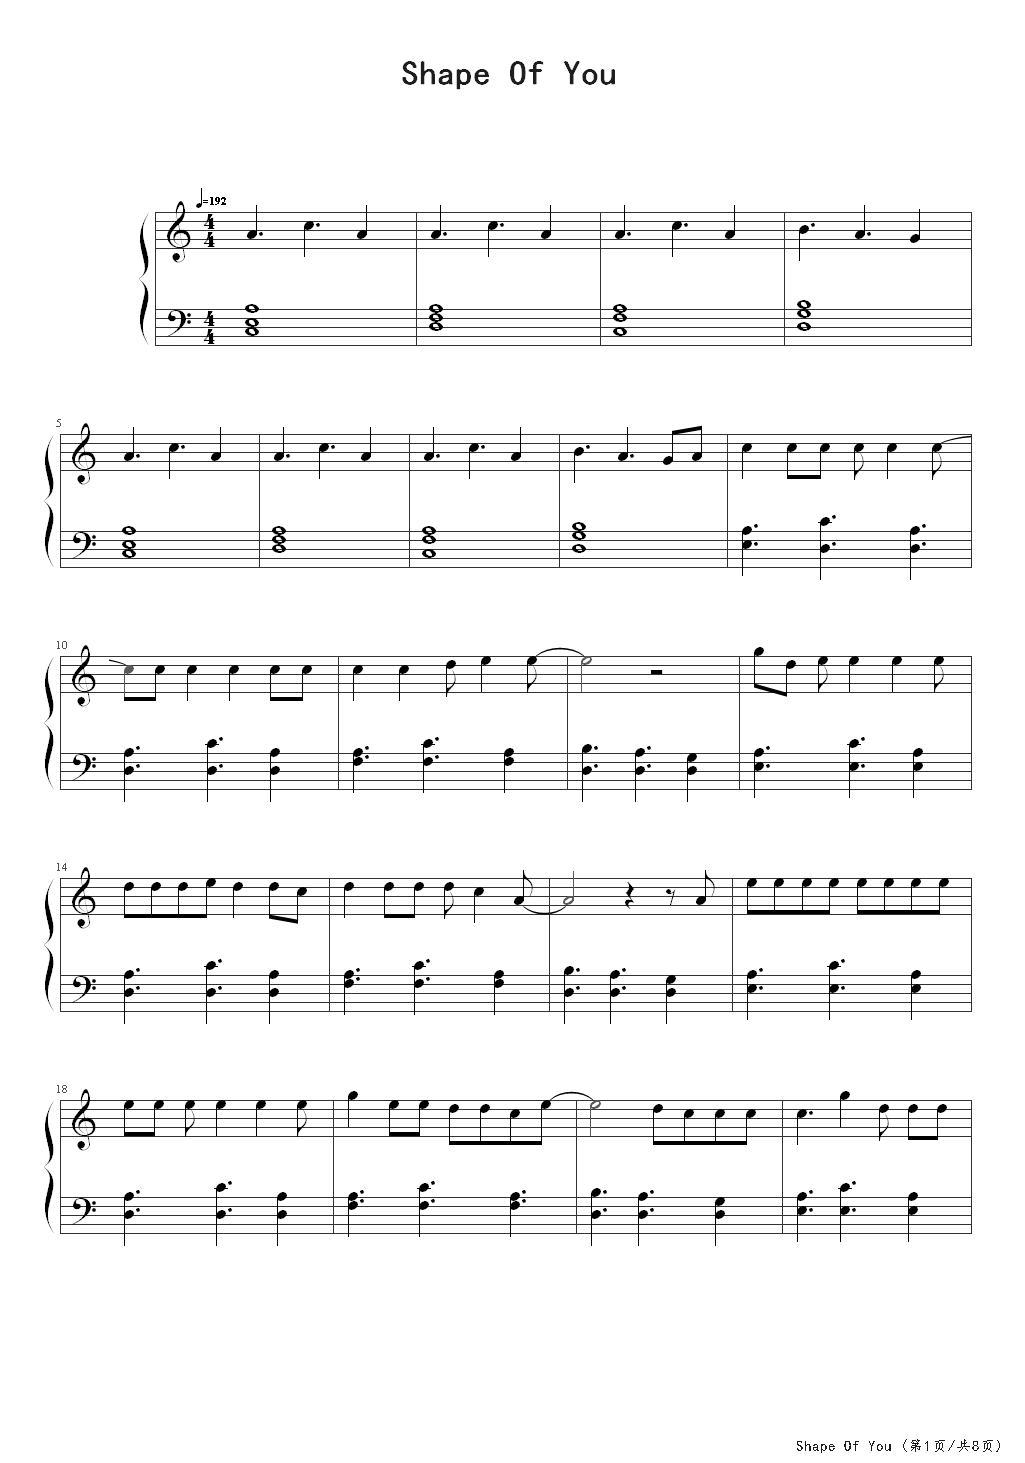 抖音钢琴谱-shape of you(艾德·希兰)[1]